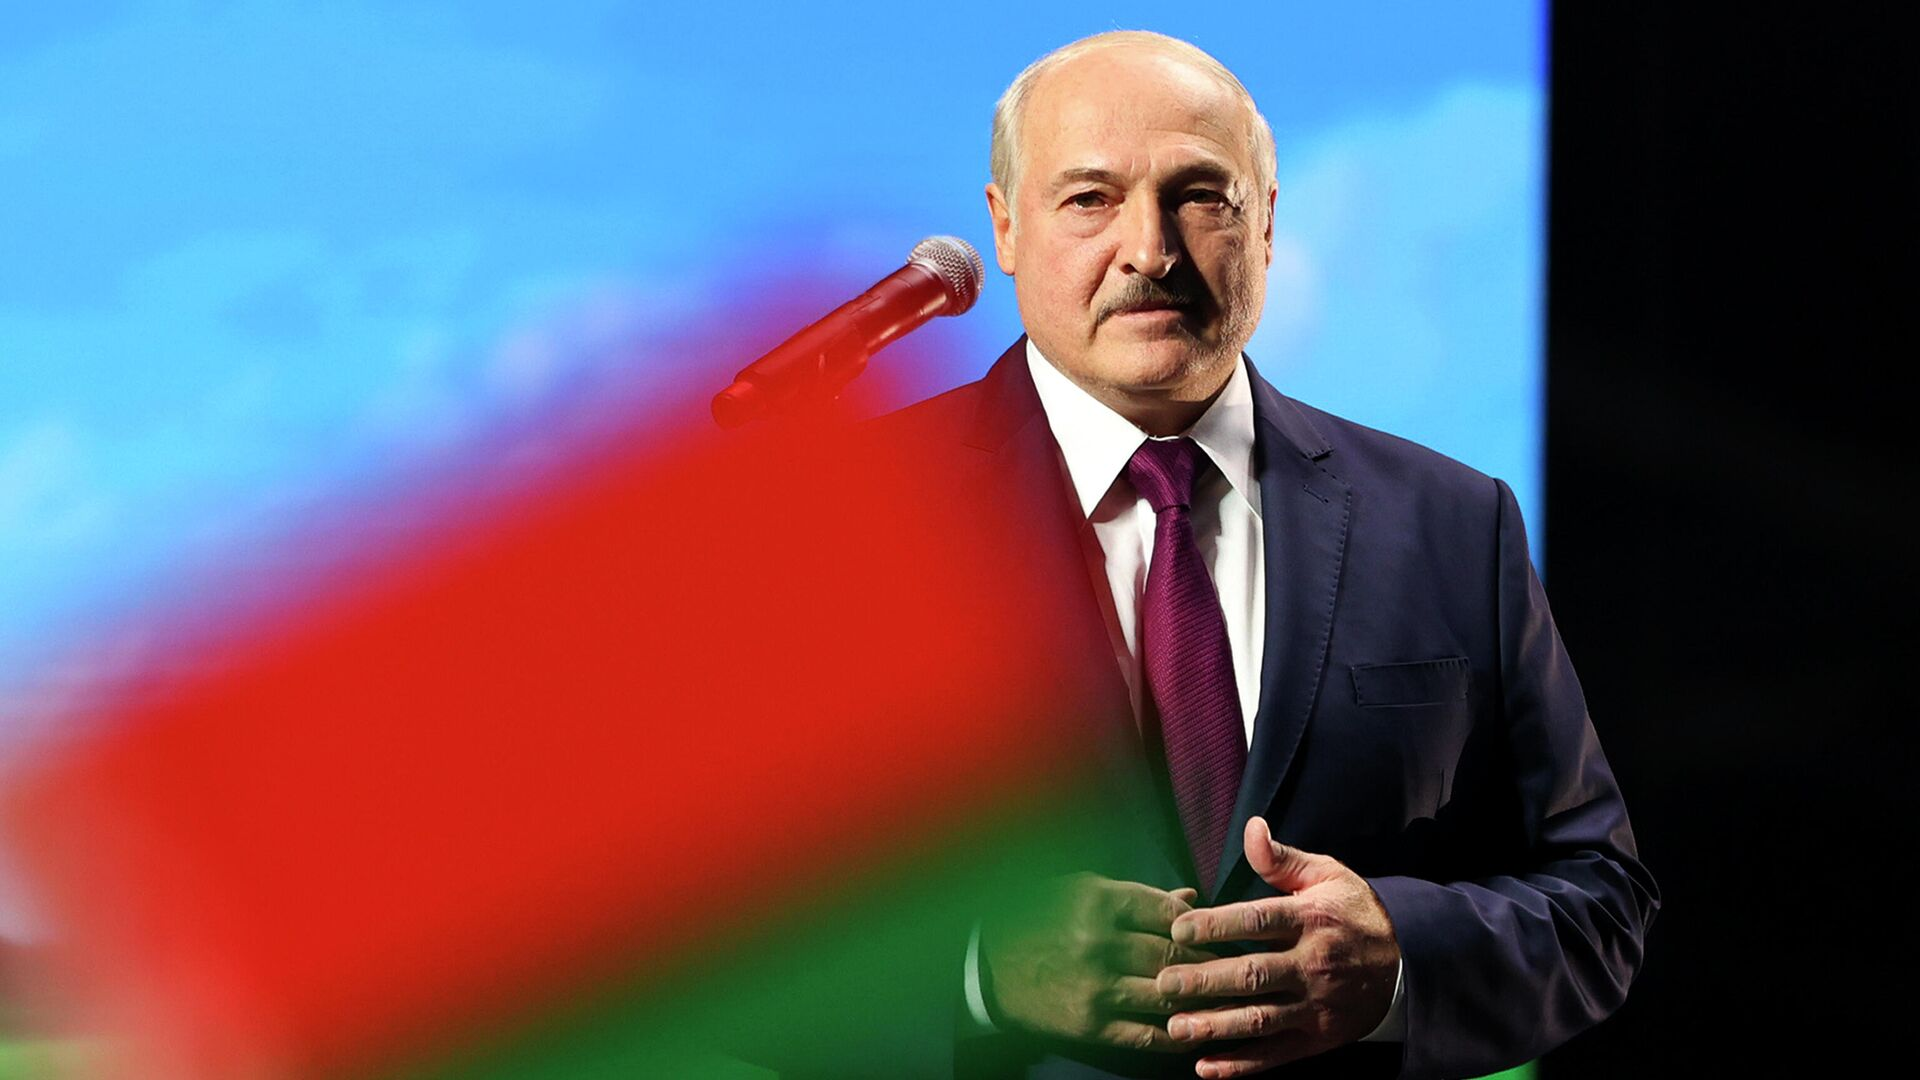 Президент Белоруссии Александр Лукашенко во время выступления в Минске - РИА Новости, 1920, 26.09.2020